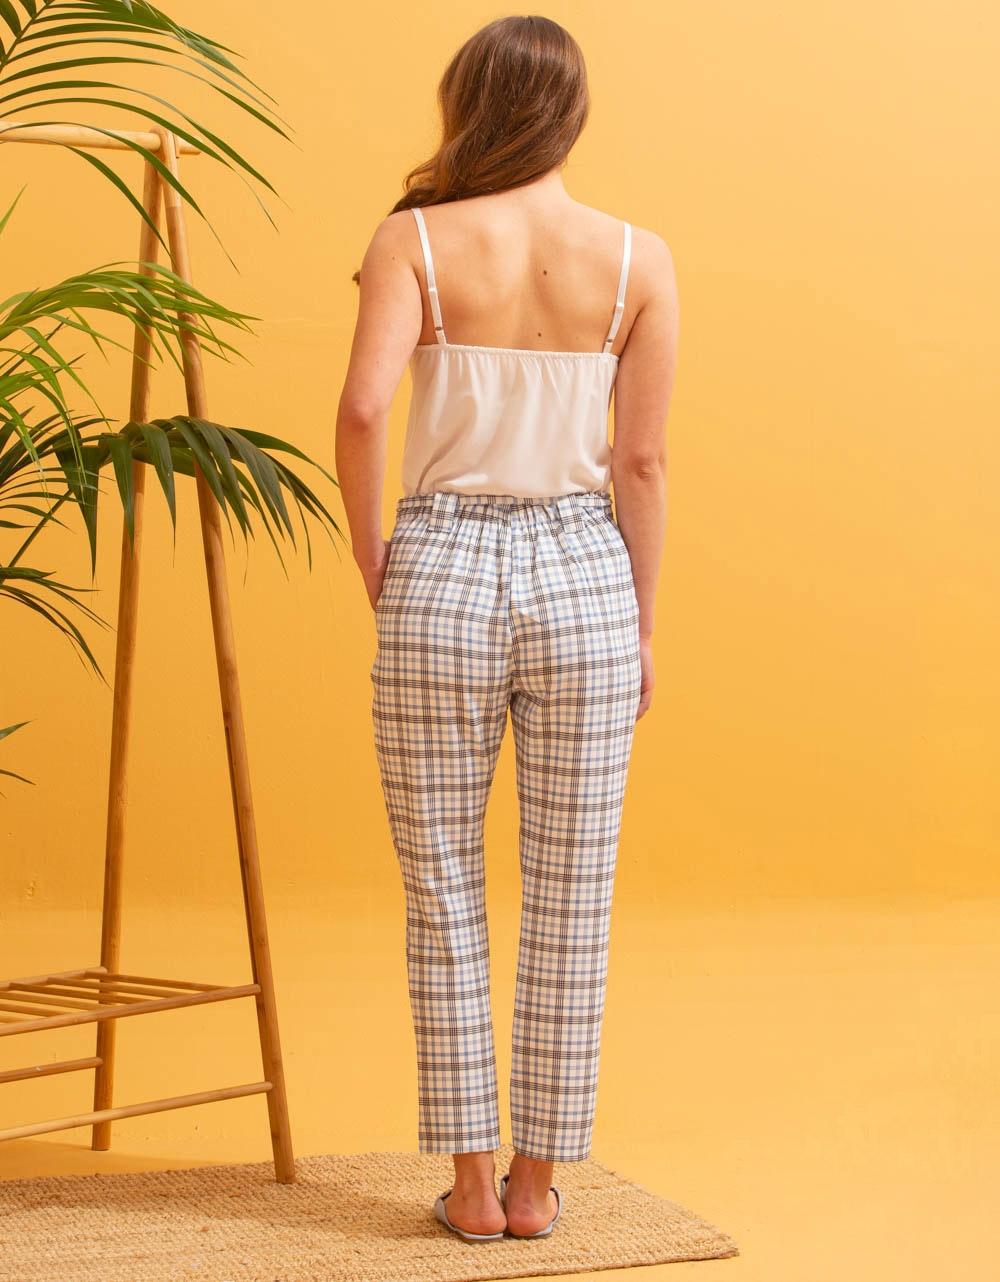 Εικόνα από Γυναικείο παντελόνι με καρό σχέδιο Λευκό/Σιέλ